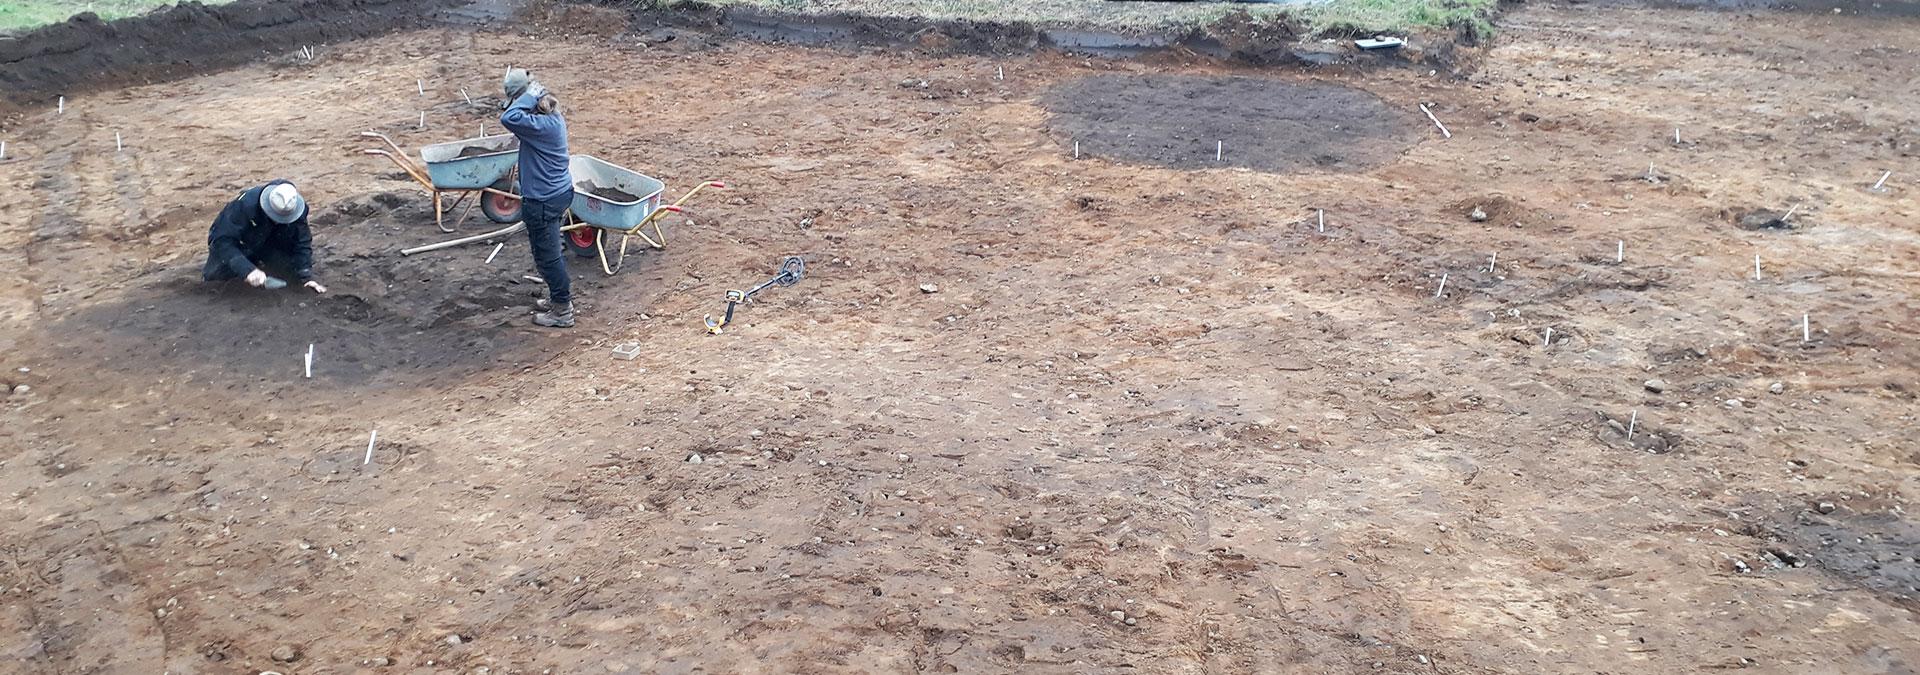 [AFLYST] FOREDRAG: Årets arkæologiske udgravninger